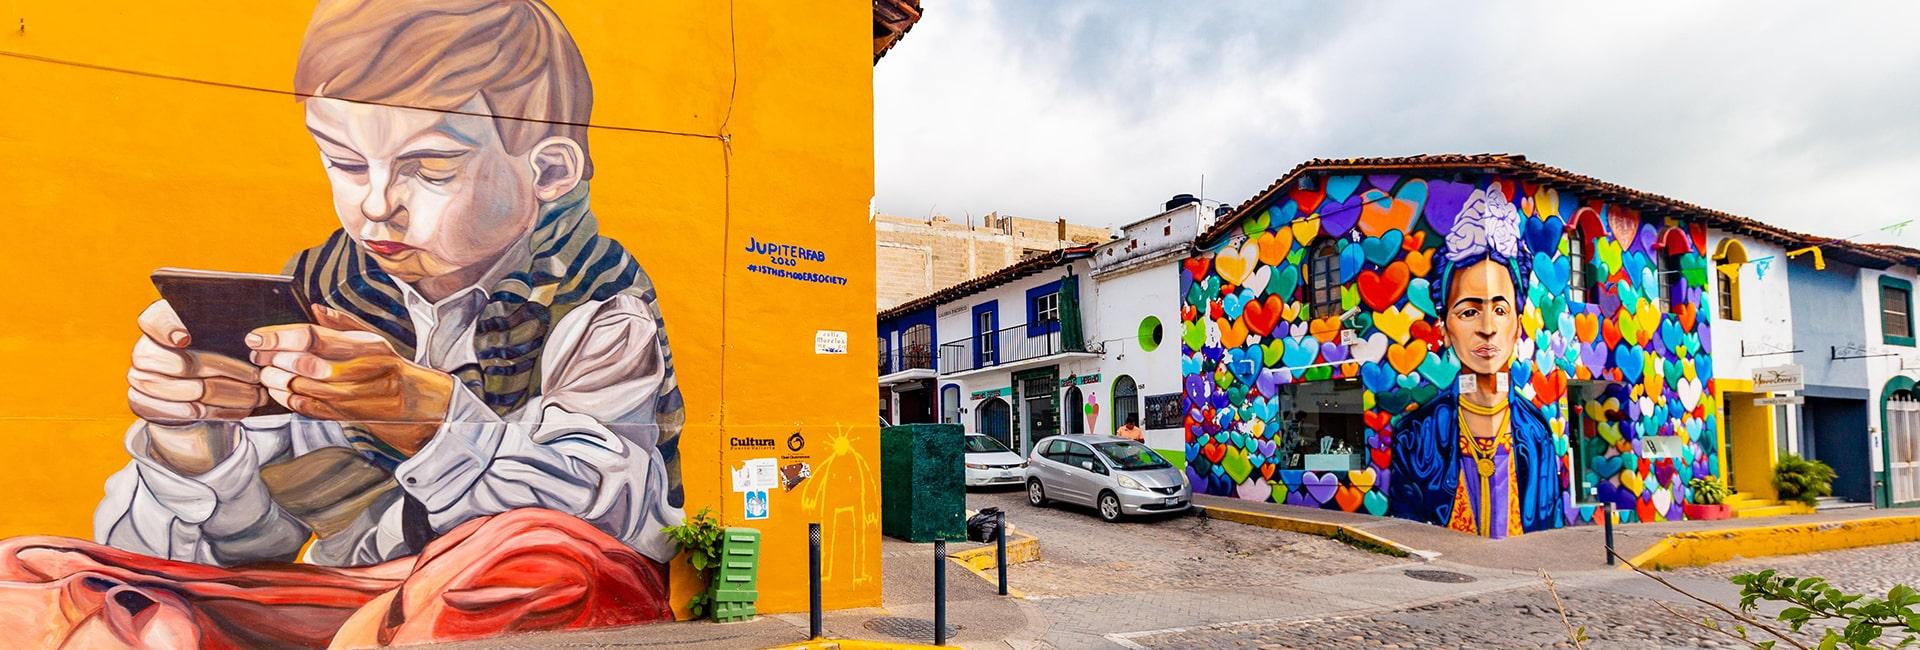 Mural street art in puerto vallarta